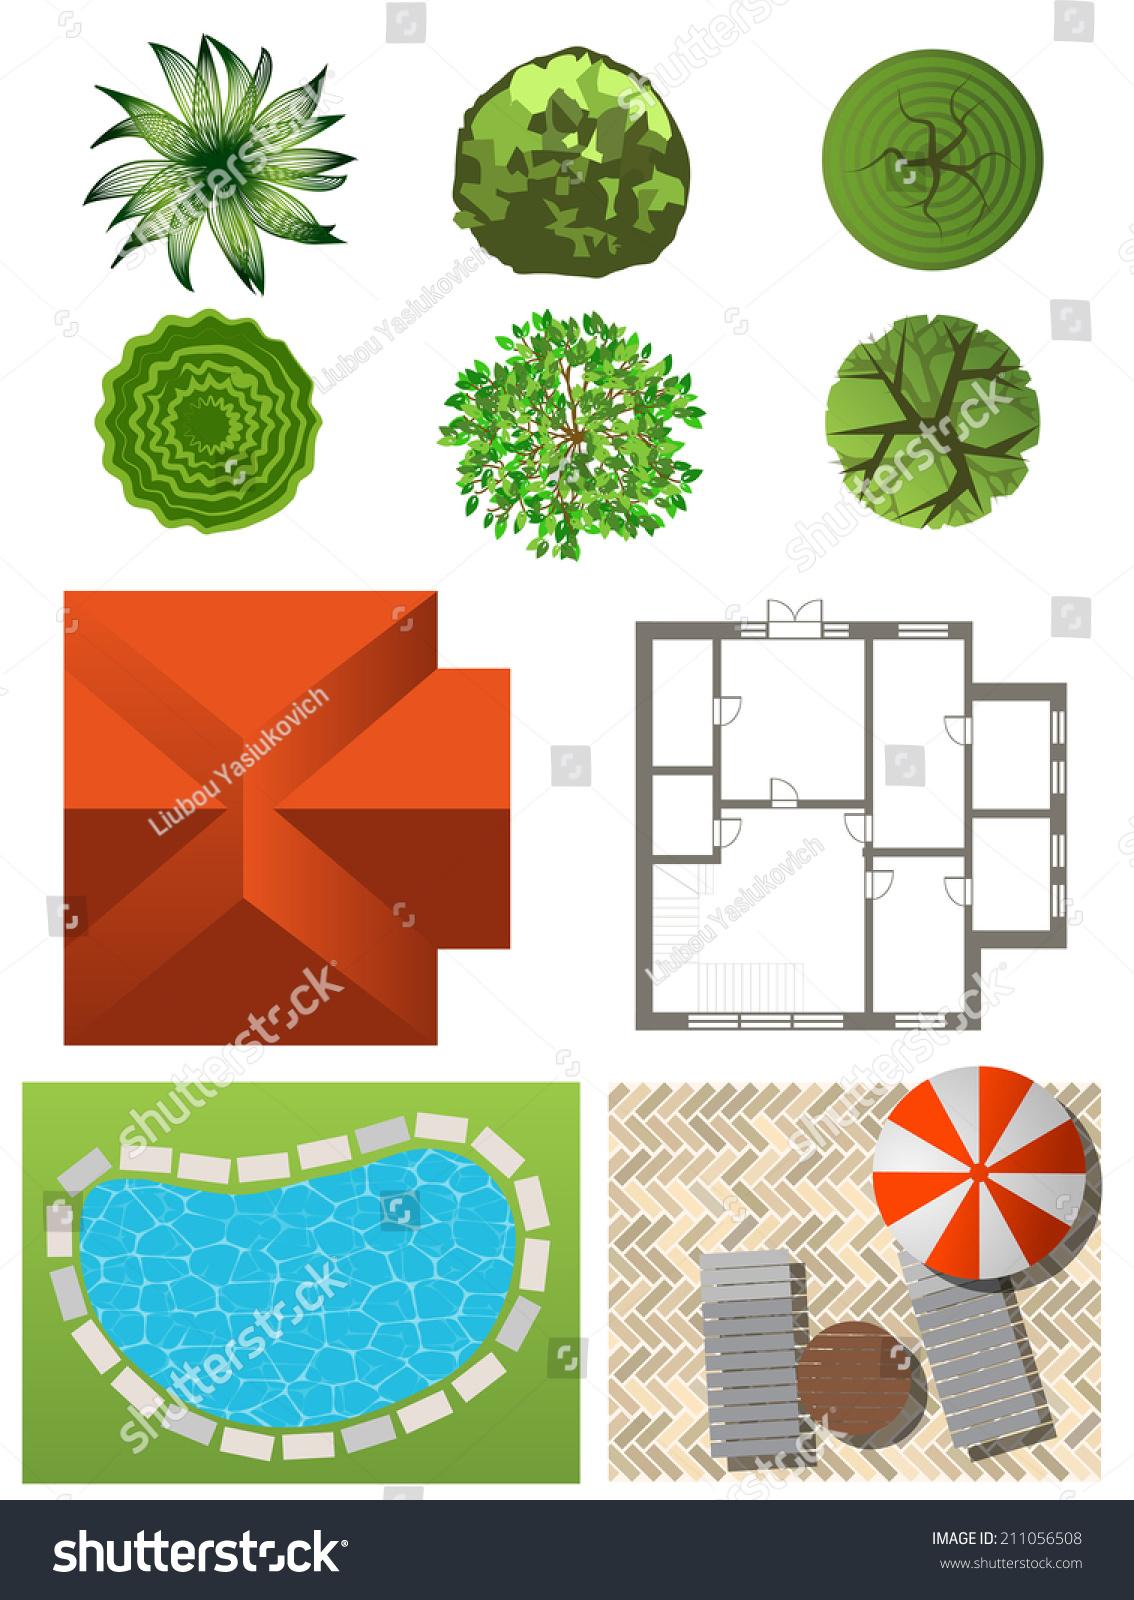 详细的景观设计元素.自己做计划.俯视图